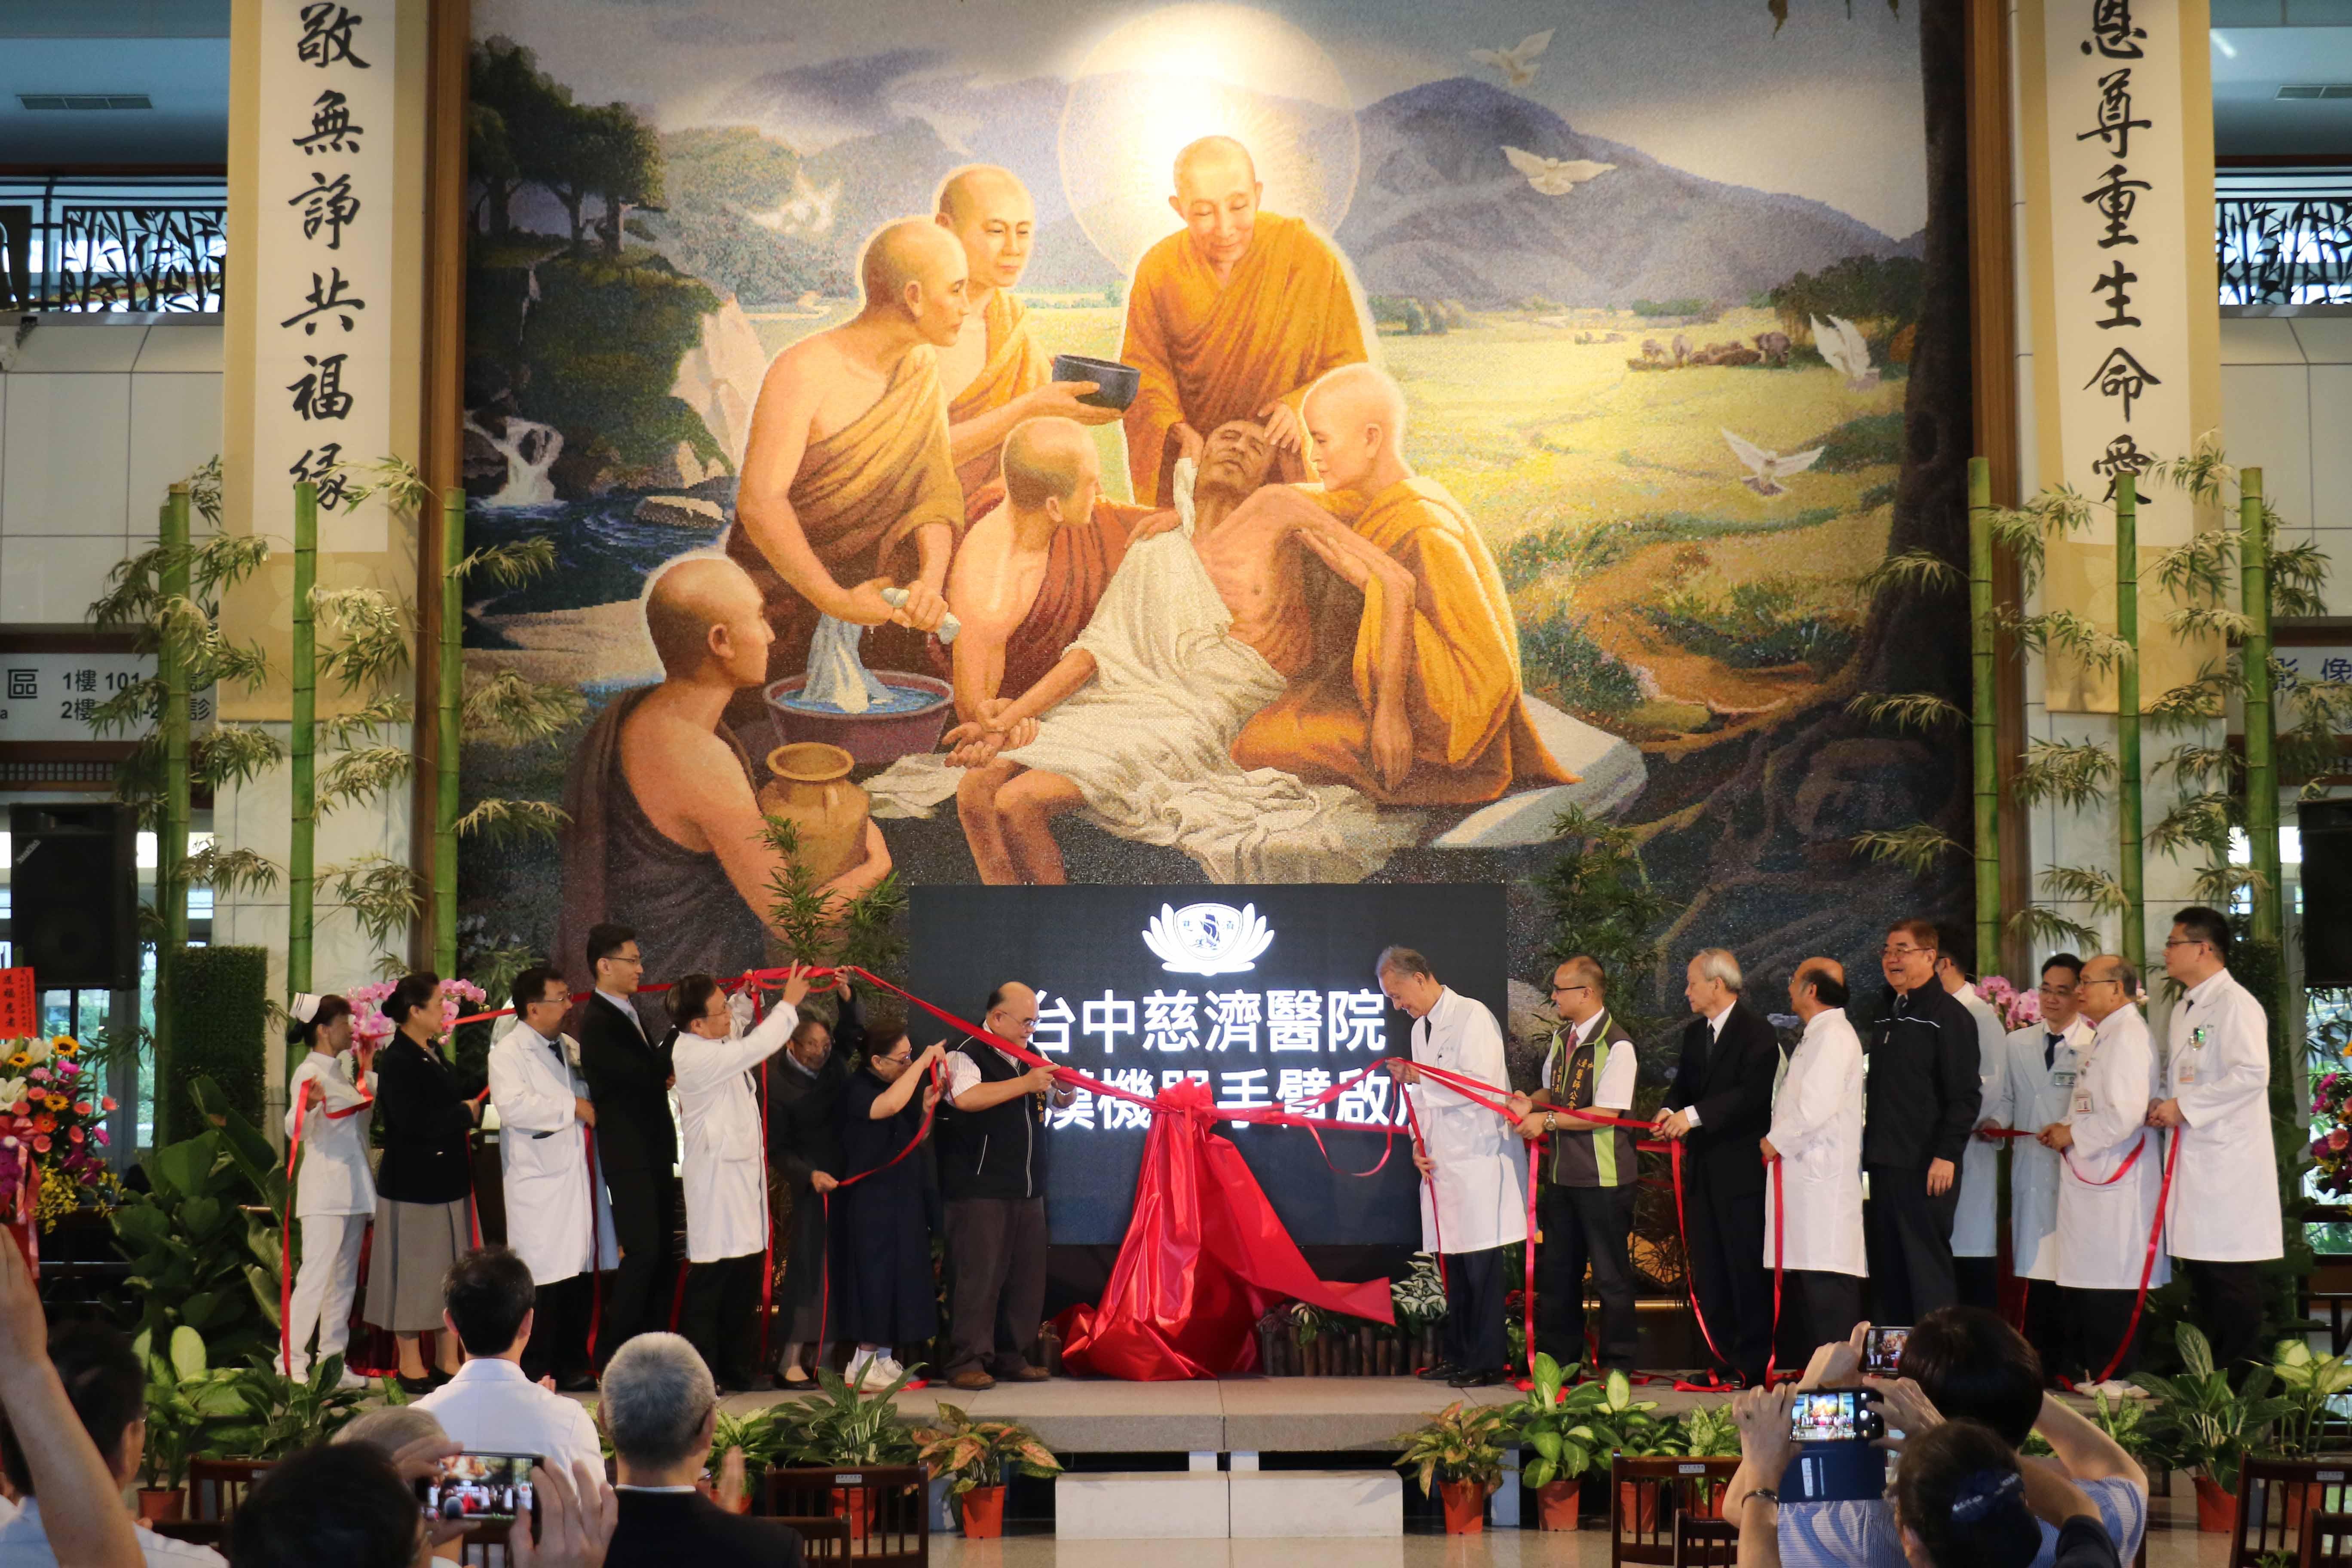 臺中慈濟醫院「紳漢機器手臂啟用儀式」,場面隆重。